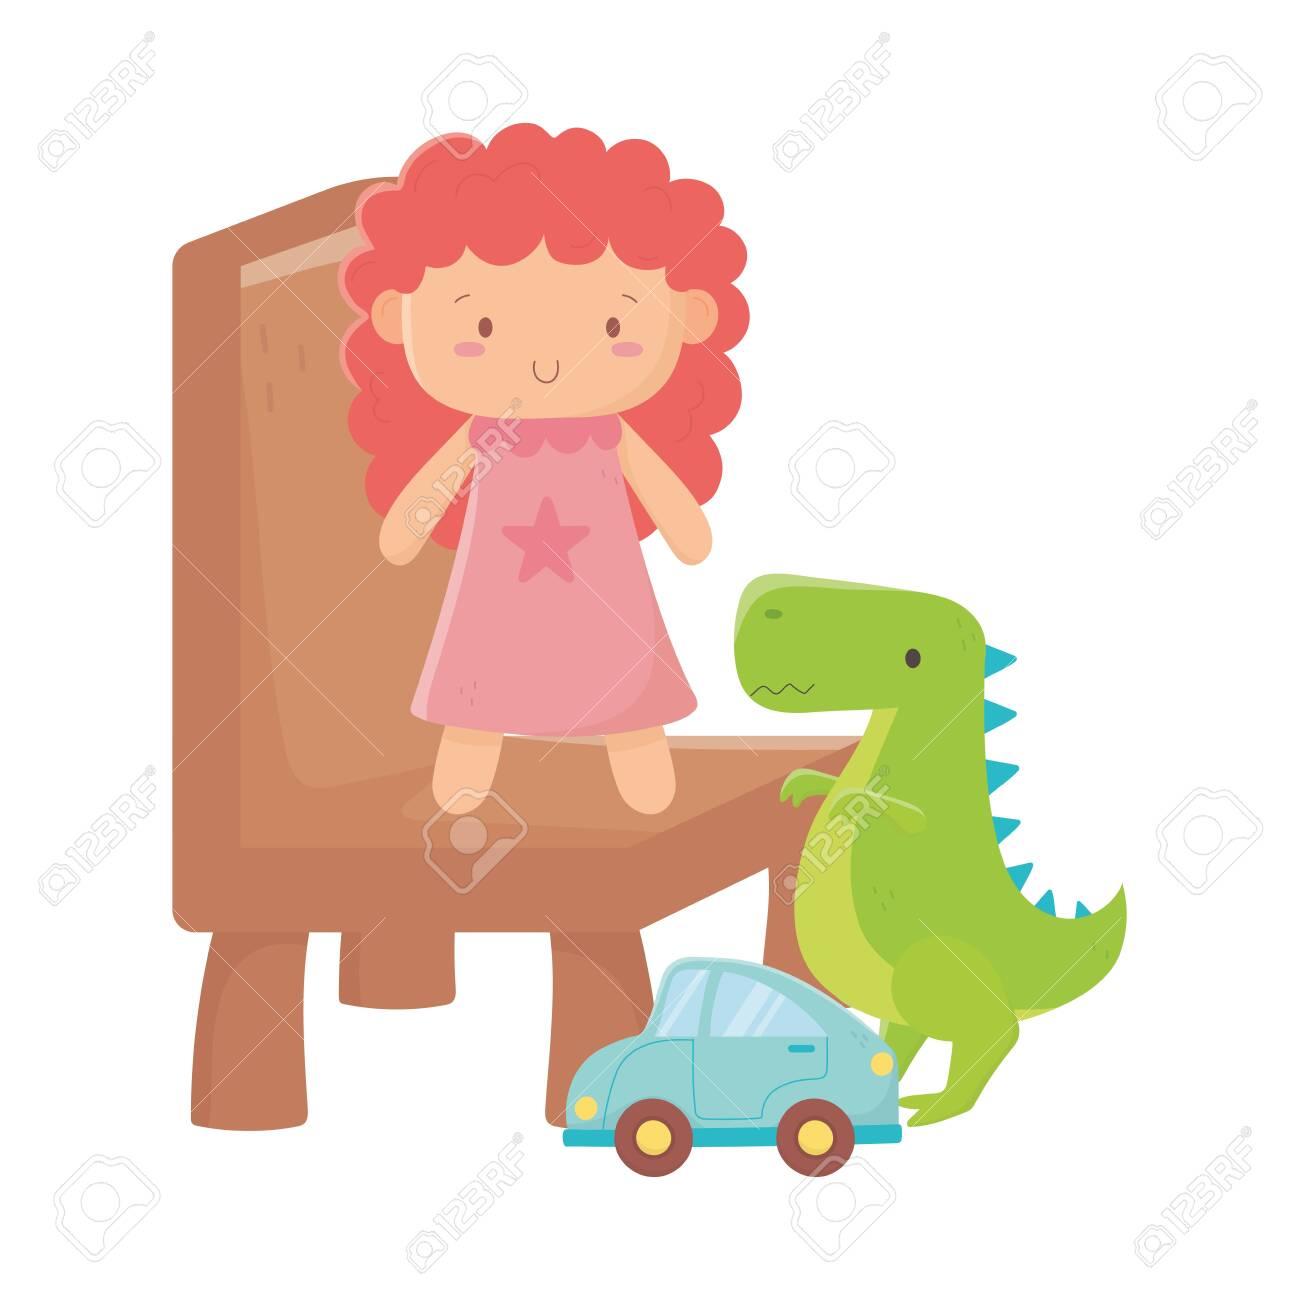 kids toys doll on chair dinosaur and car object amusing cartoon vector illustration - 152441337